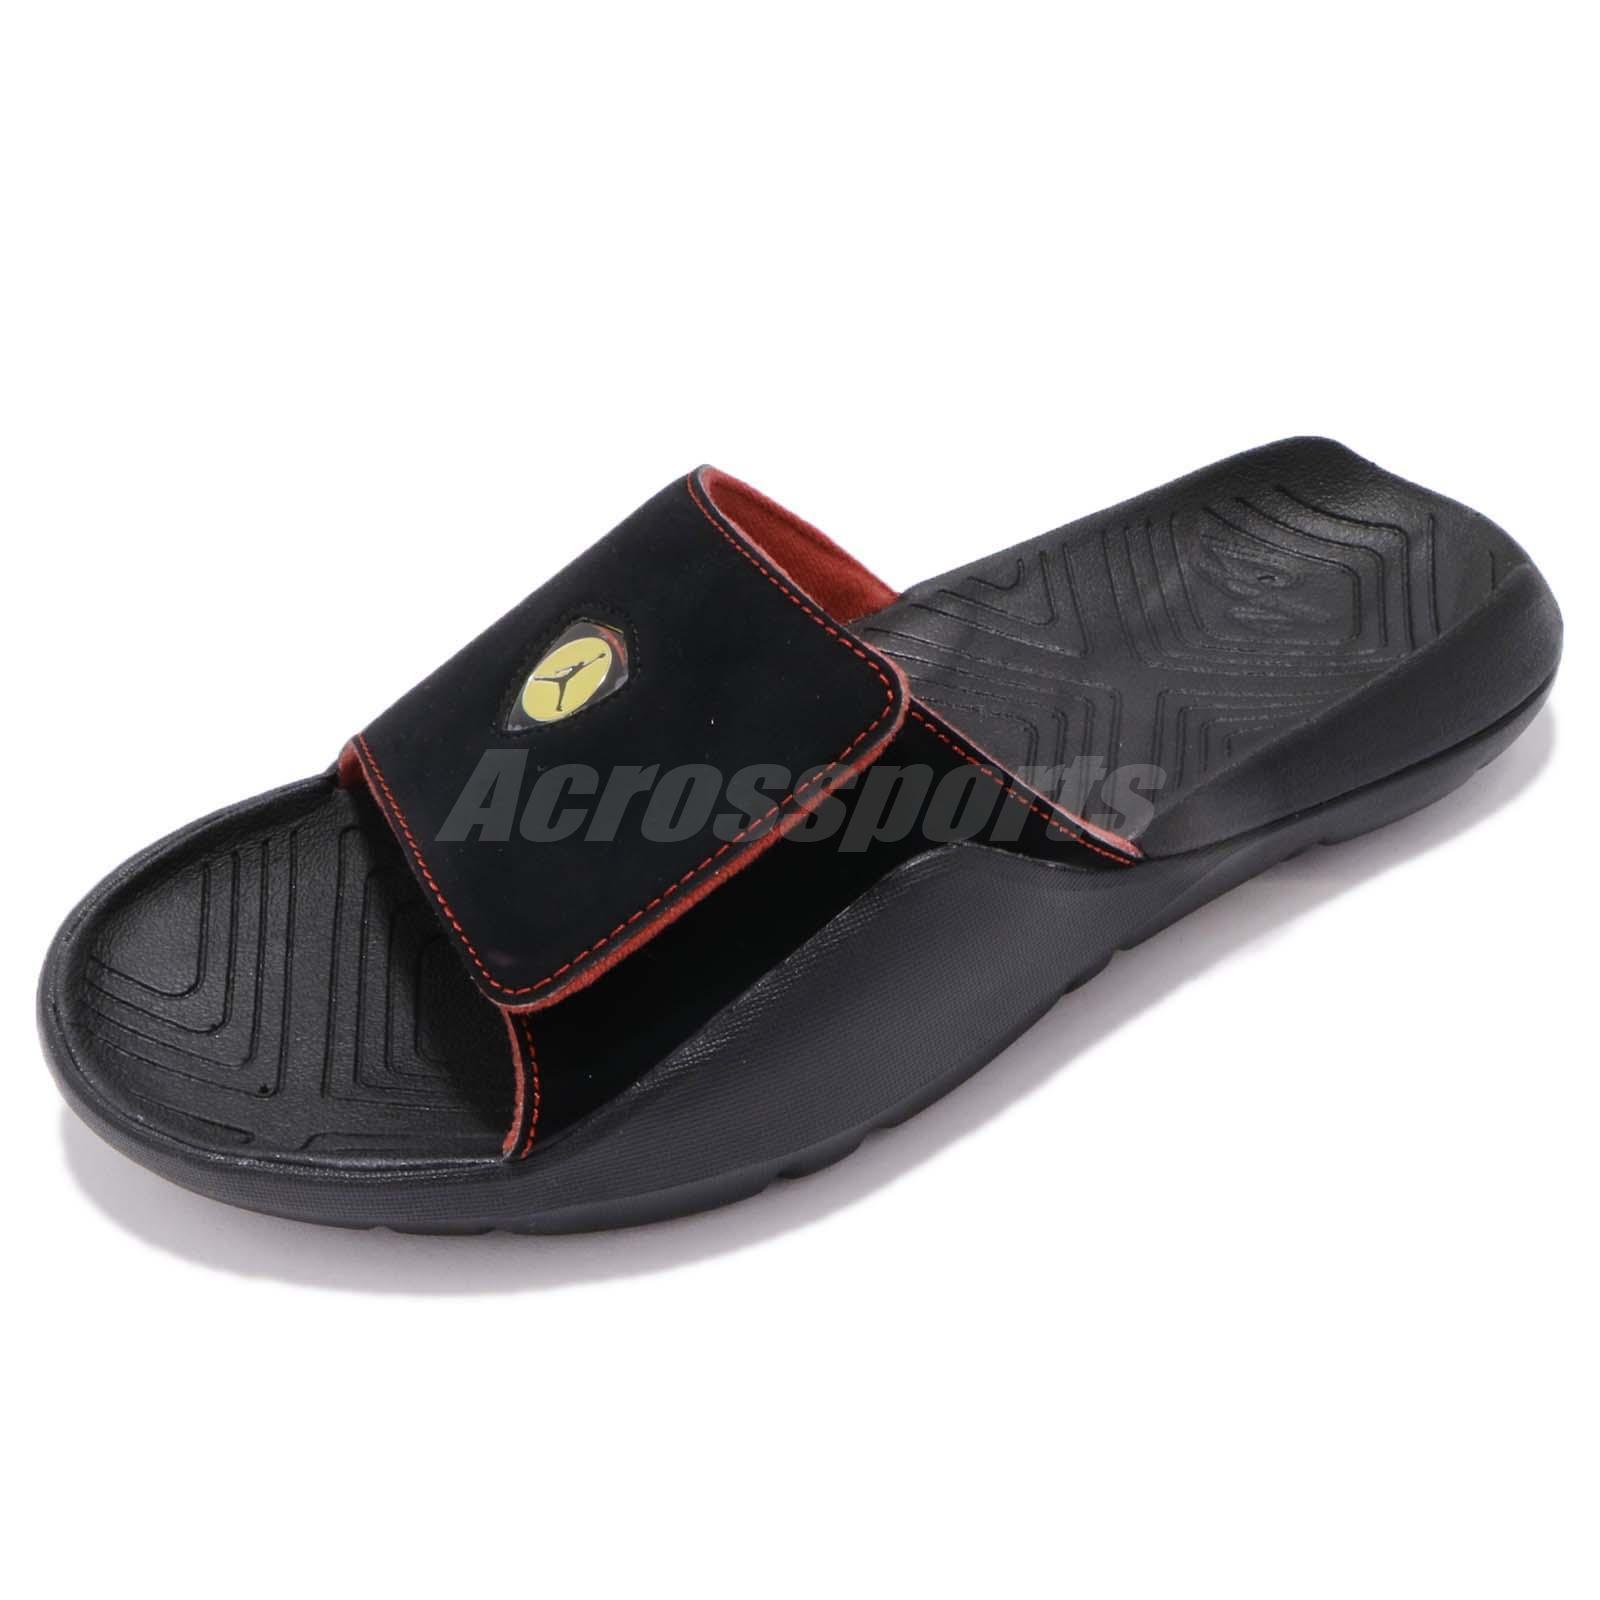 4ffac0755a0e Nike Jordan Hydro 7 VII 14 XIV Black Red Men Sports Sandal Slides AA2517-003